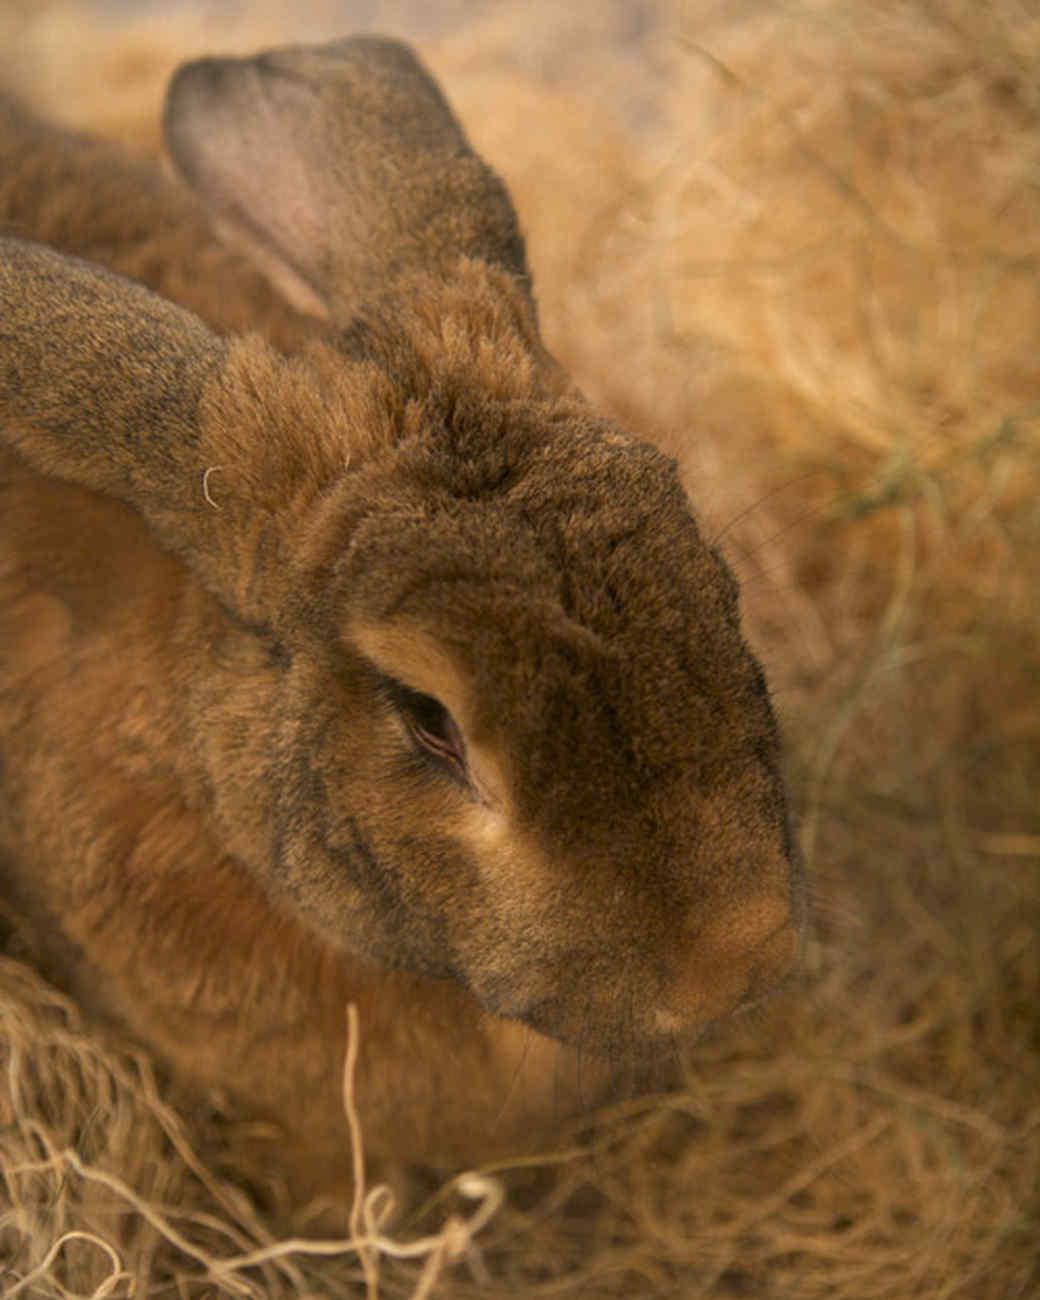 m4126_bunnies23.jpg